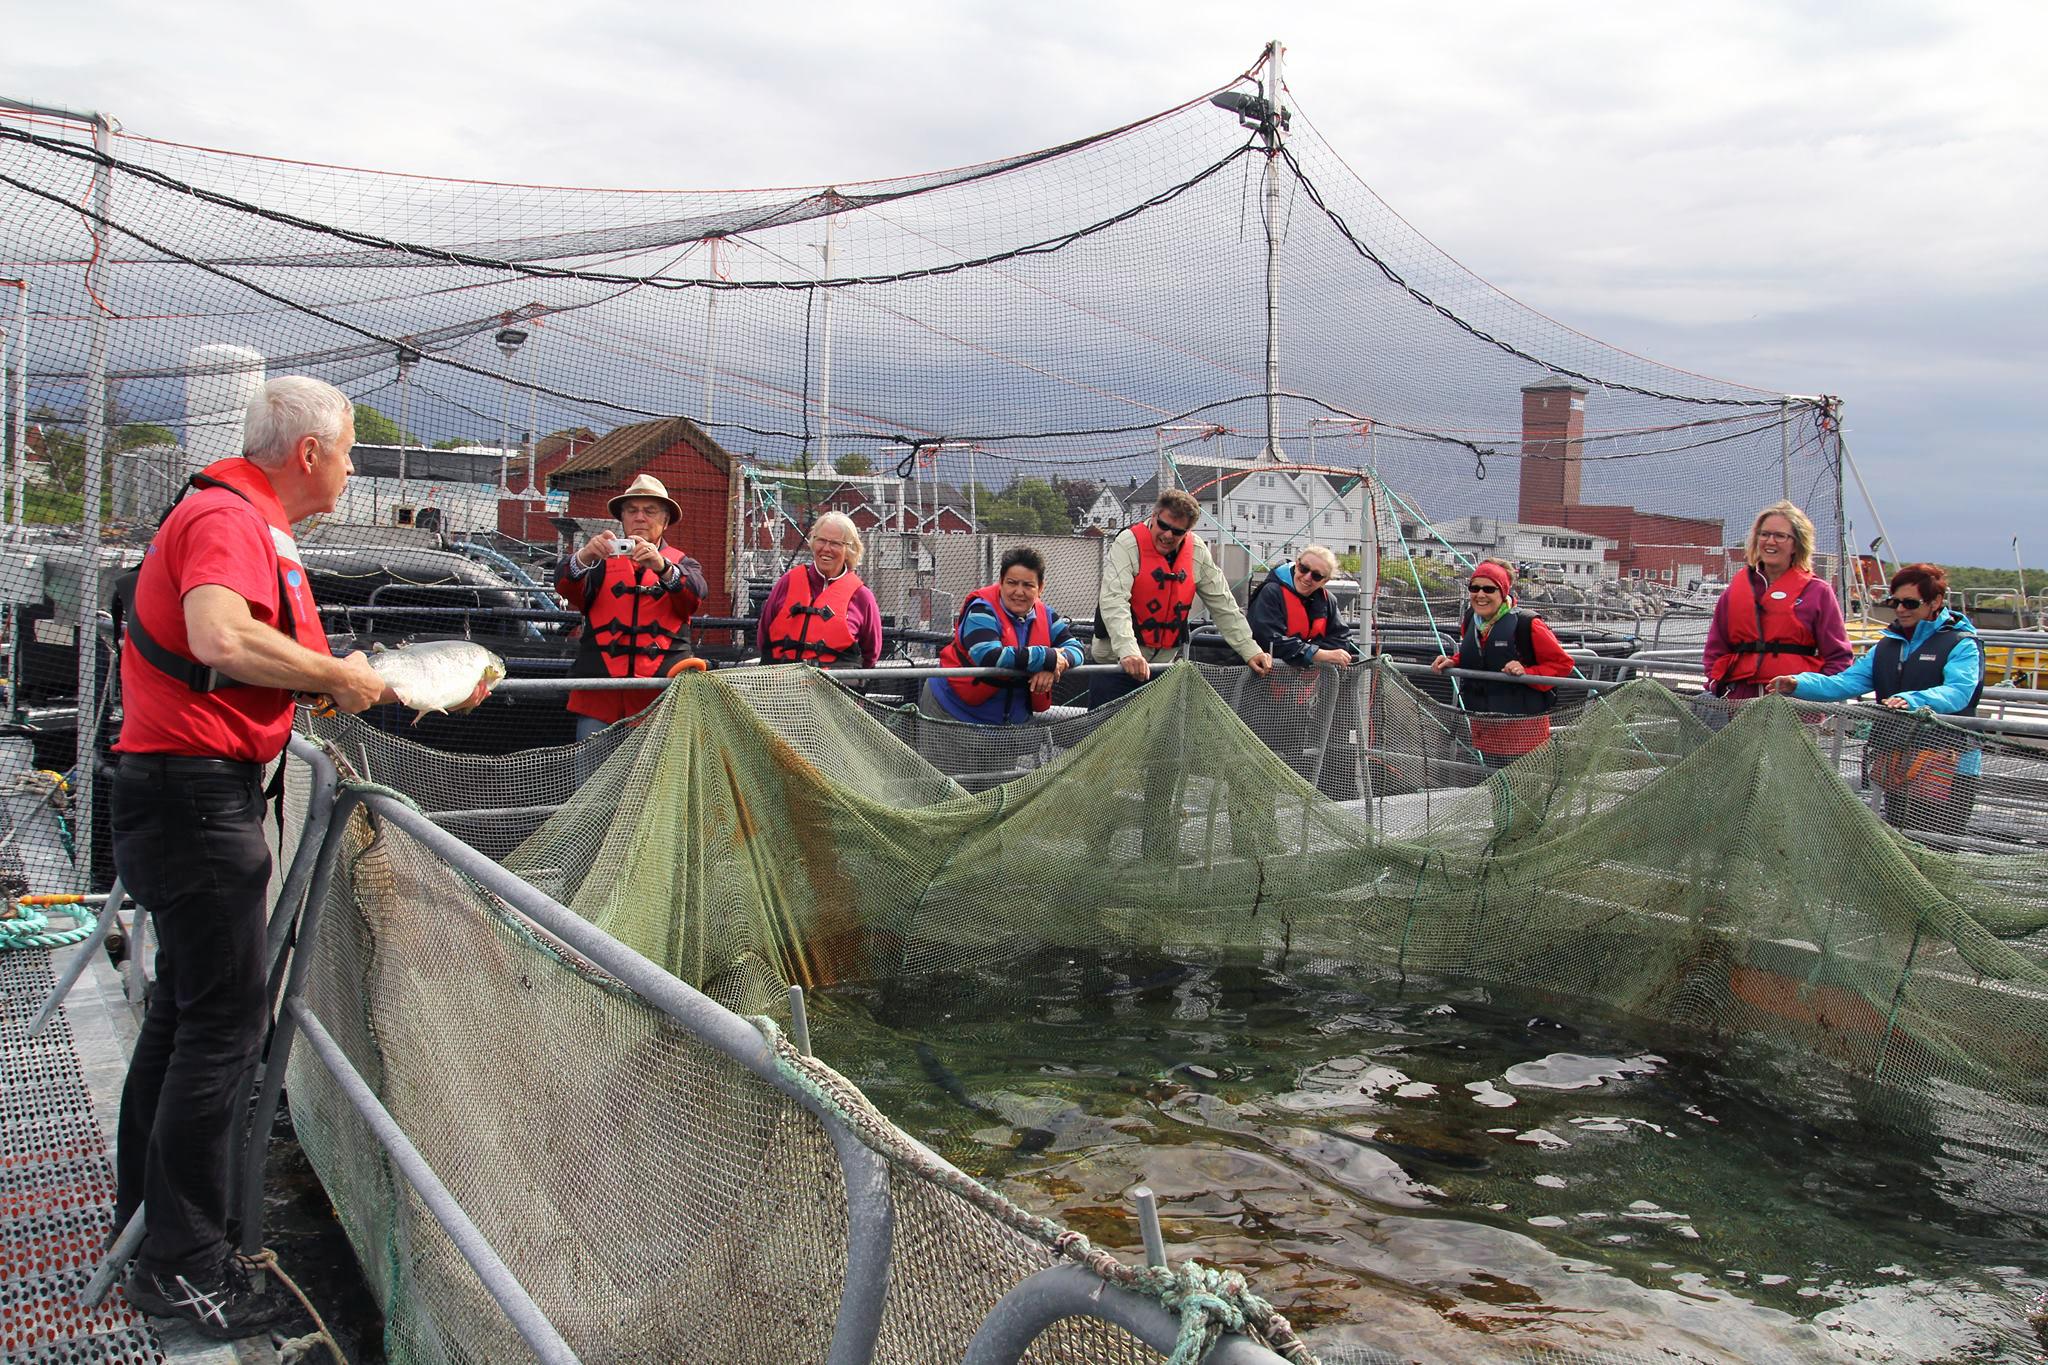 Norsk havbrukssenter har omvisninger hele året.